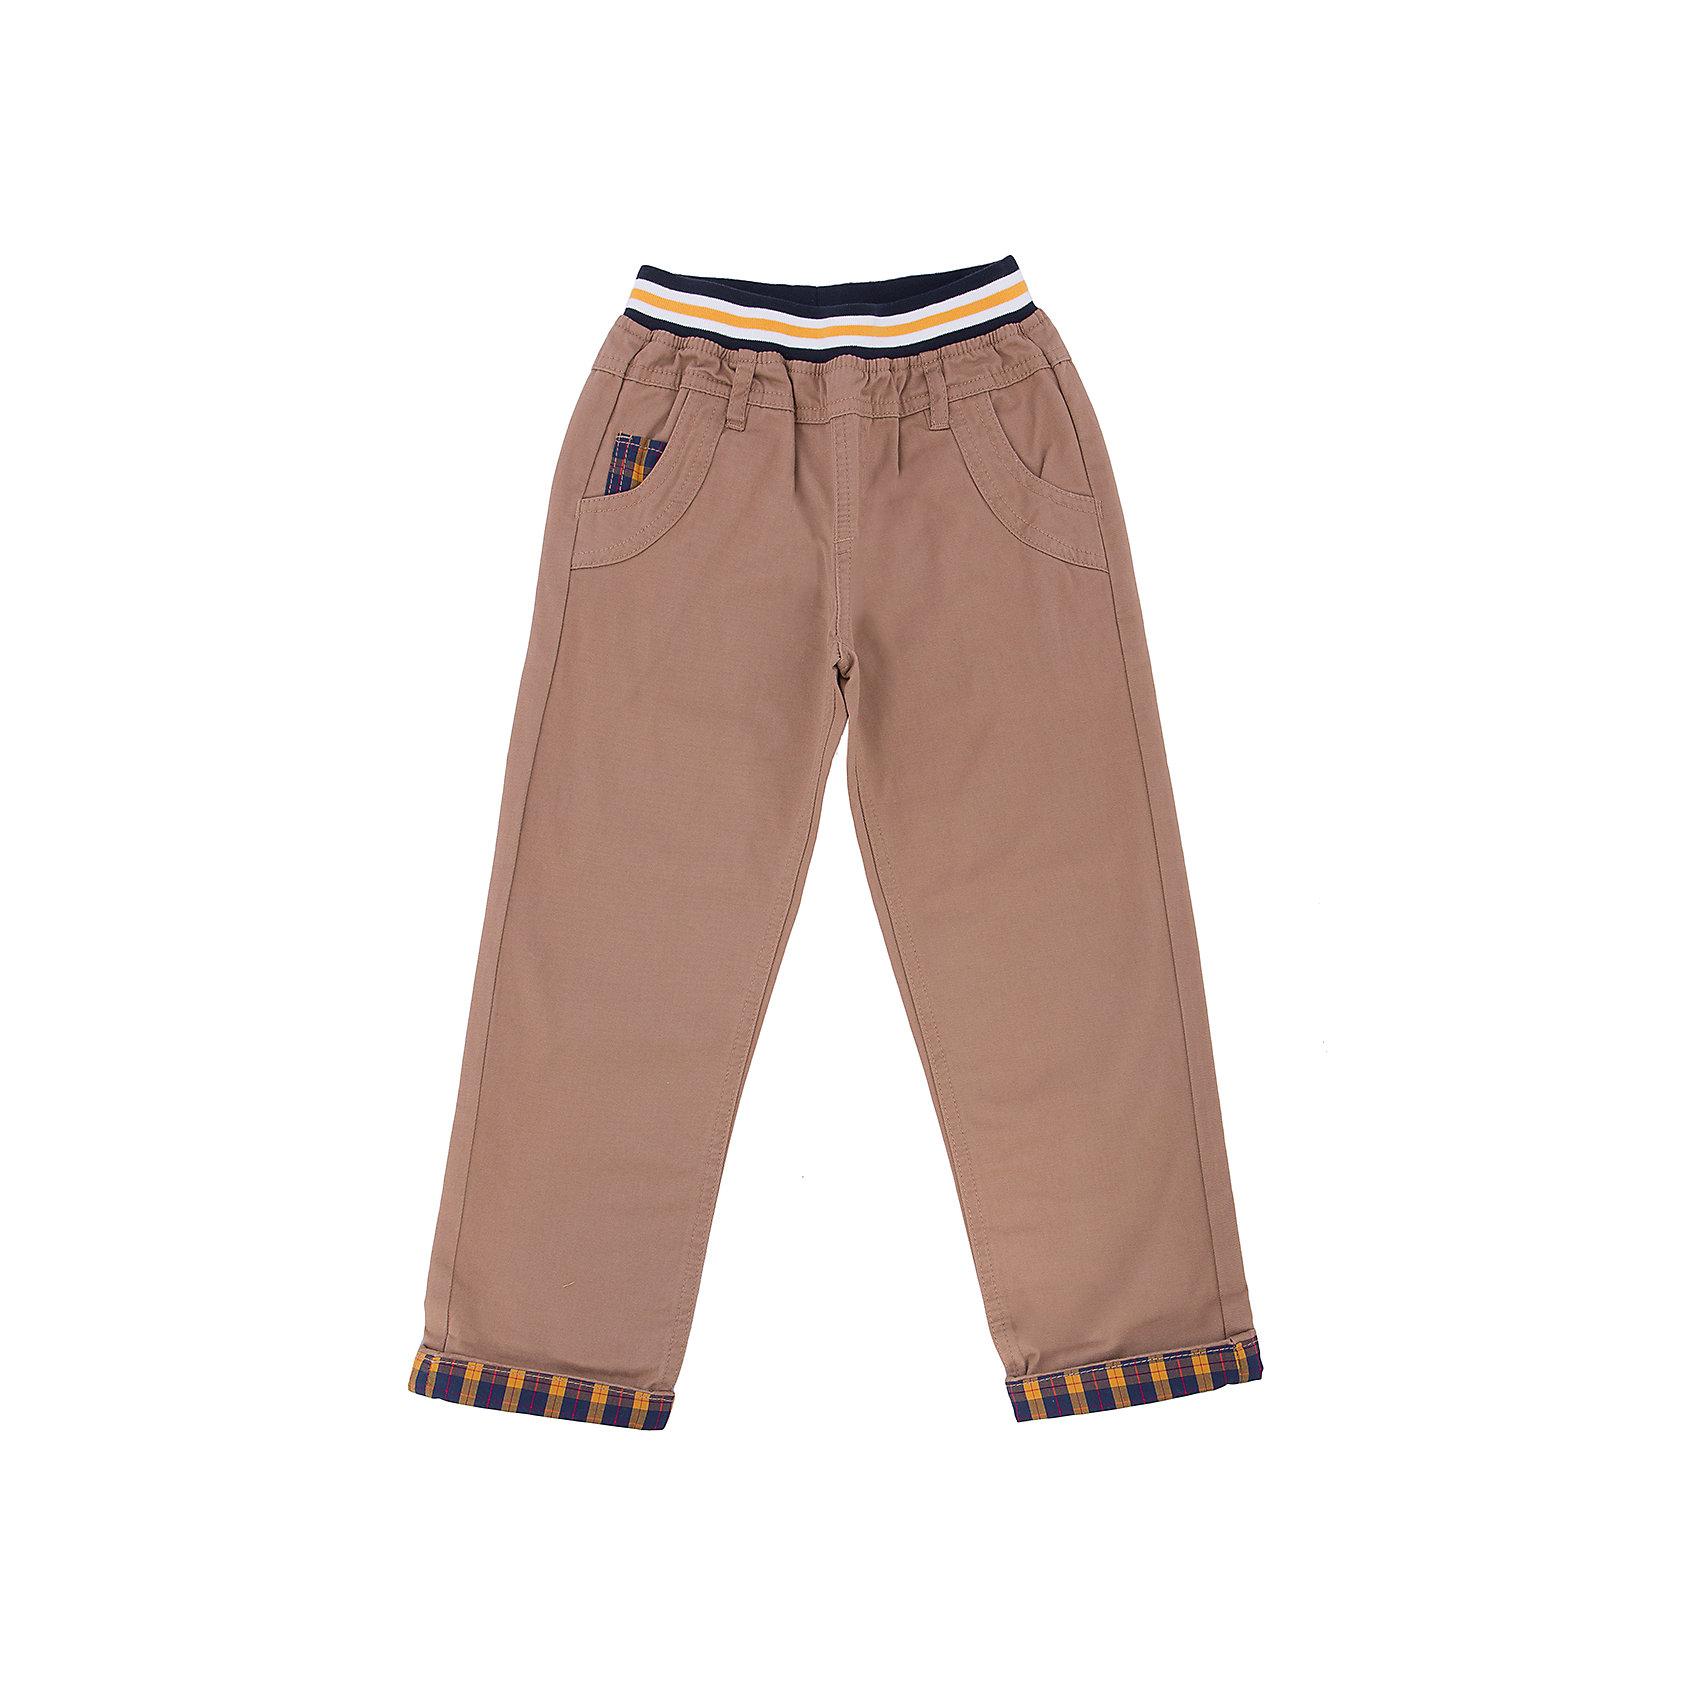 Брюки для мальчика SELAБрюки для мальчика из коллекции осень-зима 2016-2017 от известного бренда SELA. Стильные брюки на каждый день приятного бежевого цвета из хлопка. Брюки без пуговиц и молний, с модной резикой и с деталями в тон на кармане, подойдут как к рубашкам, так и к футболкам.<br><br>Дополнительная информация:<br>- Силуэт прямой <br><br>Состав: 100% хлопок <br><br>Брюки для мальчиков Sela можно купить в нашем интернет-магазине.<br>.<br>Подробнее:<br>• Для детей в возрасте: от 2 до 6 лет<br>• Номер товара: 4913206<br>Страна производитель: Китай<br><br>Ширина мм: 215<br>Глубина мм: 88<br>Высота мм: 191<br>Вес г: 336<br>Цвет: бежевый<br>Возраст от месяцев: 48<br>Возраст до месяцев: 60<br>Пол: Мужской<br>Возраст: Детский<br>Размер: 110,98,104,92,116<br>SKU: 4913205